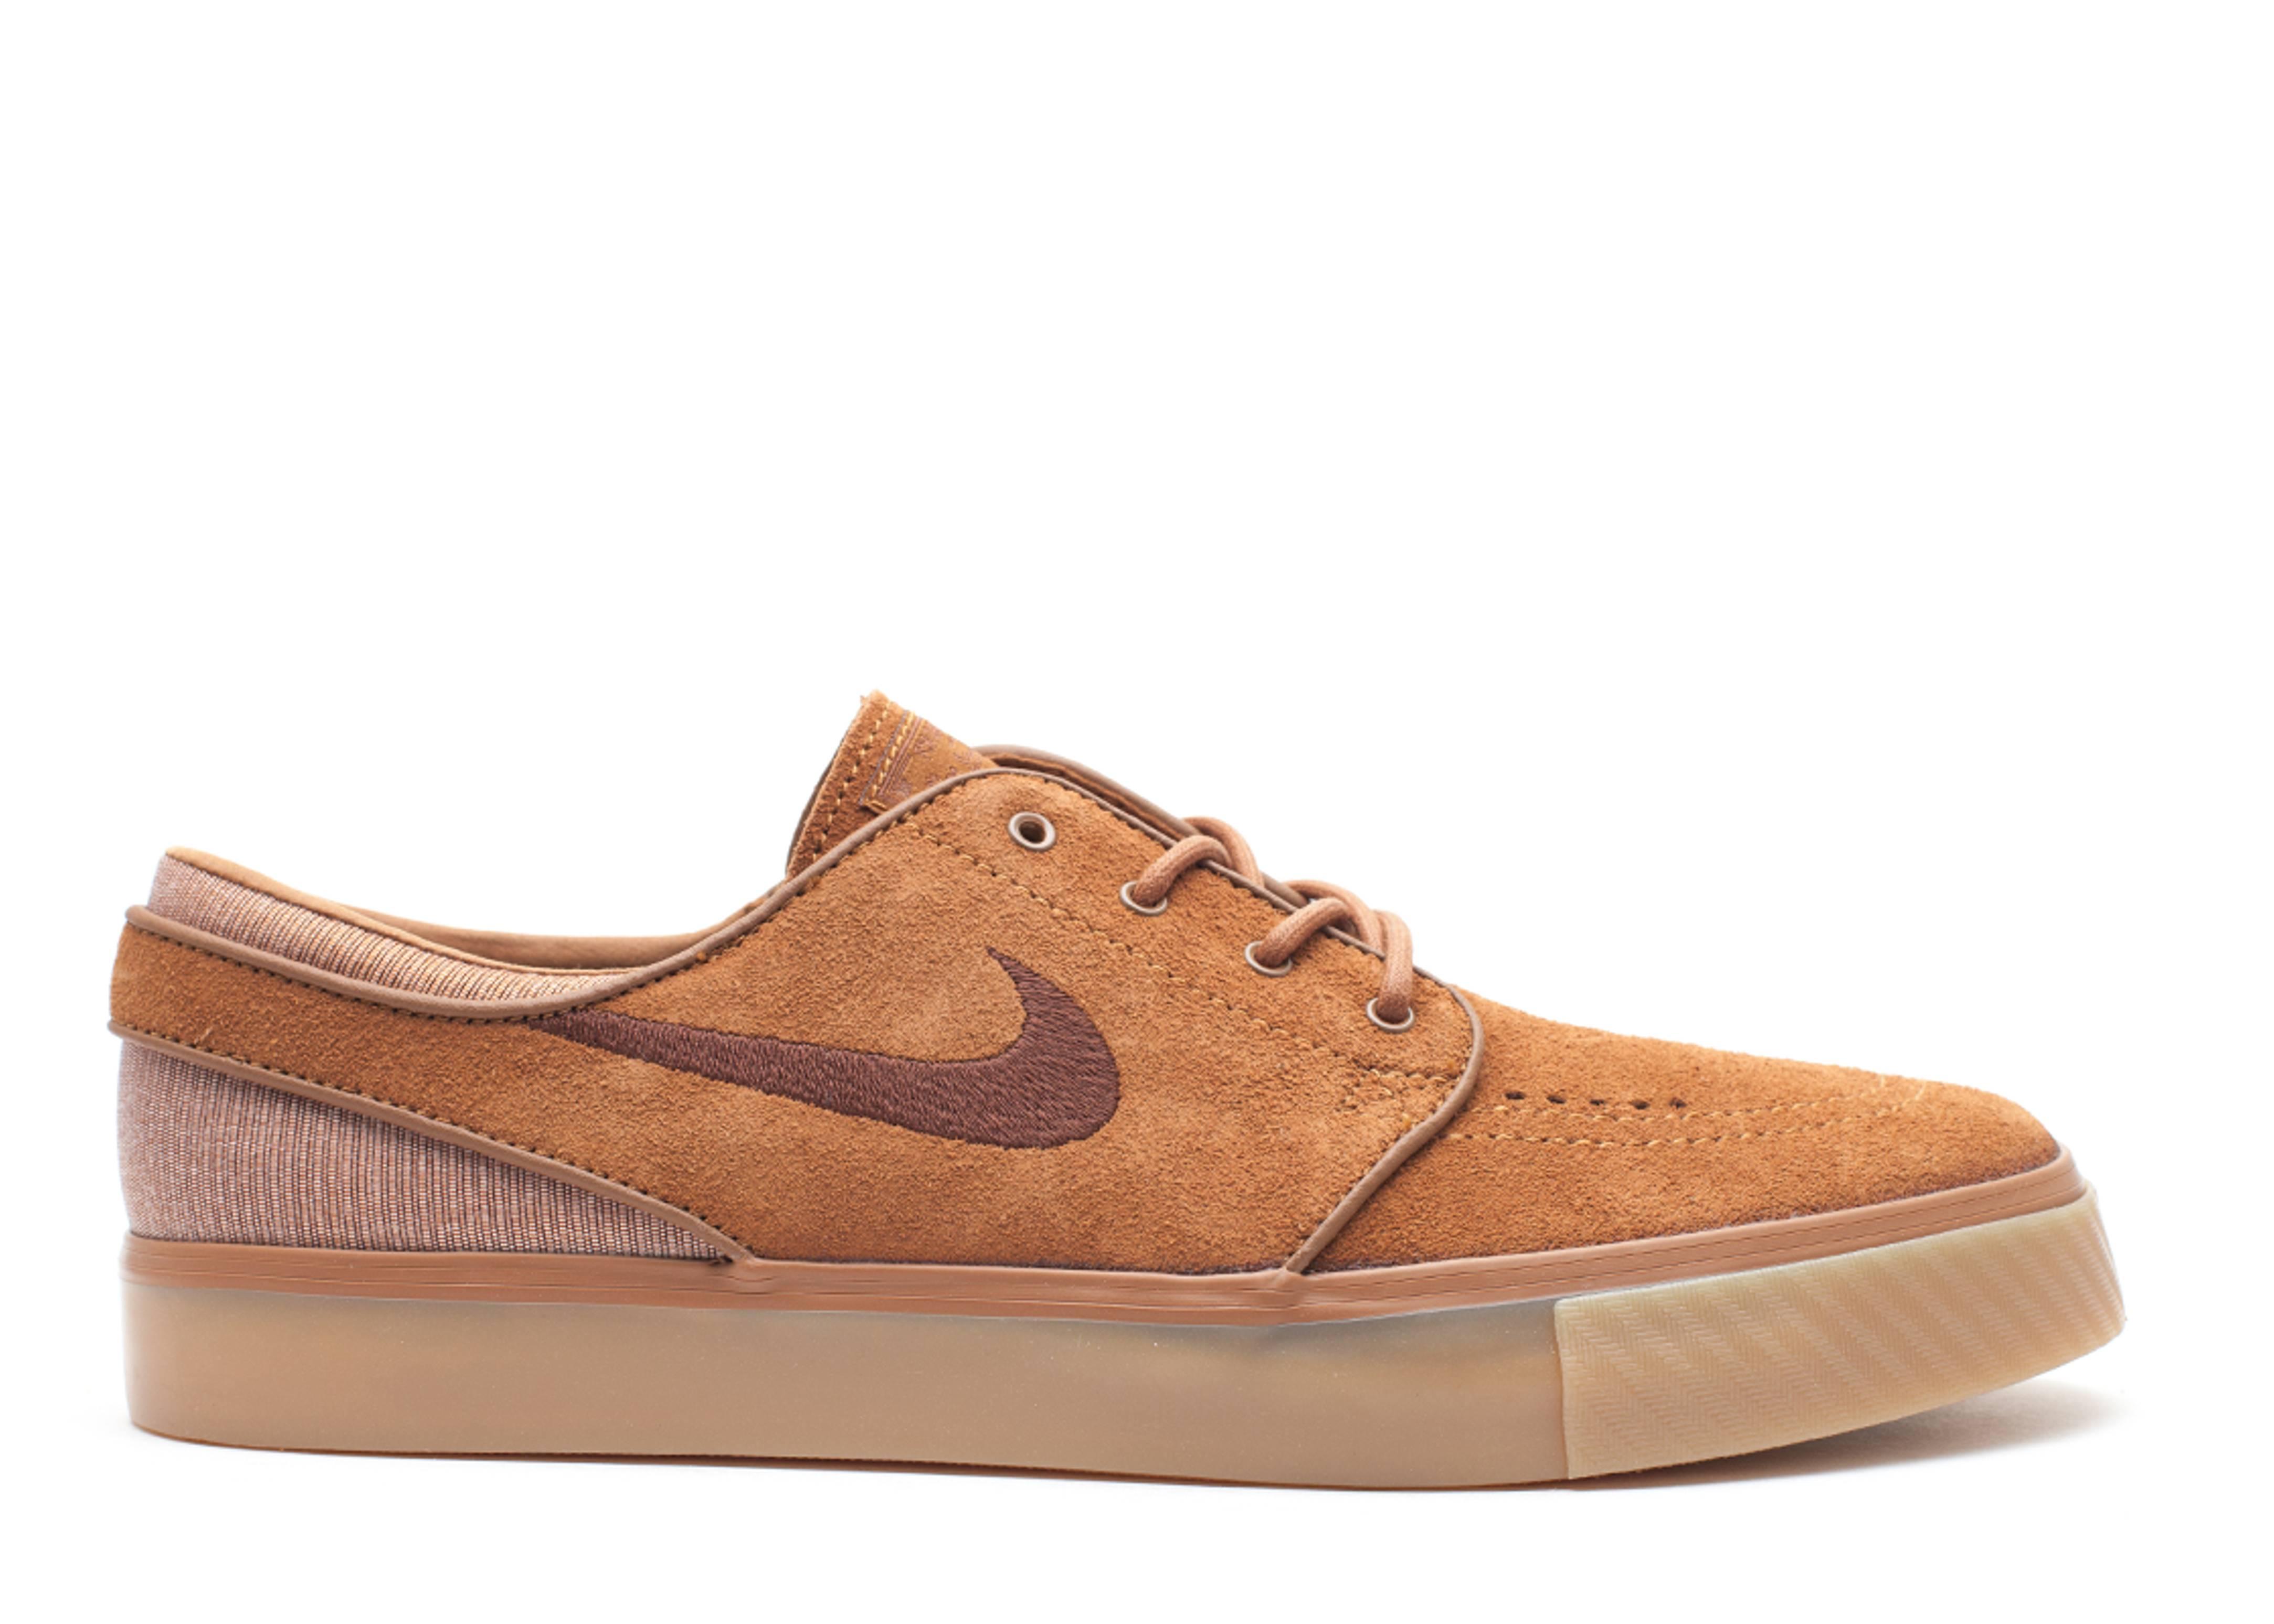 95846f38 Zoom Stefan Janoski - Nike - 333824 205 - light british tan/dark field brown  | Flight Club